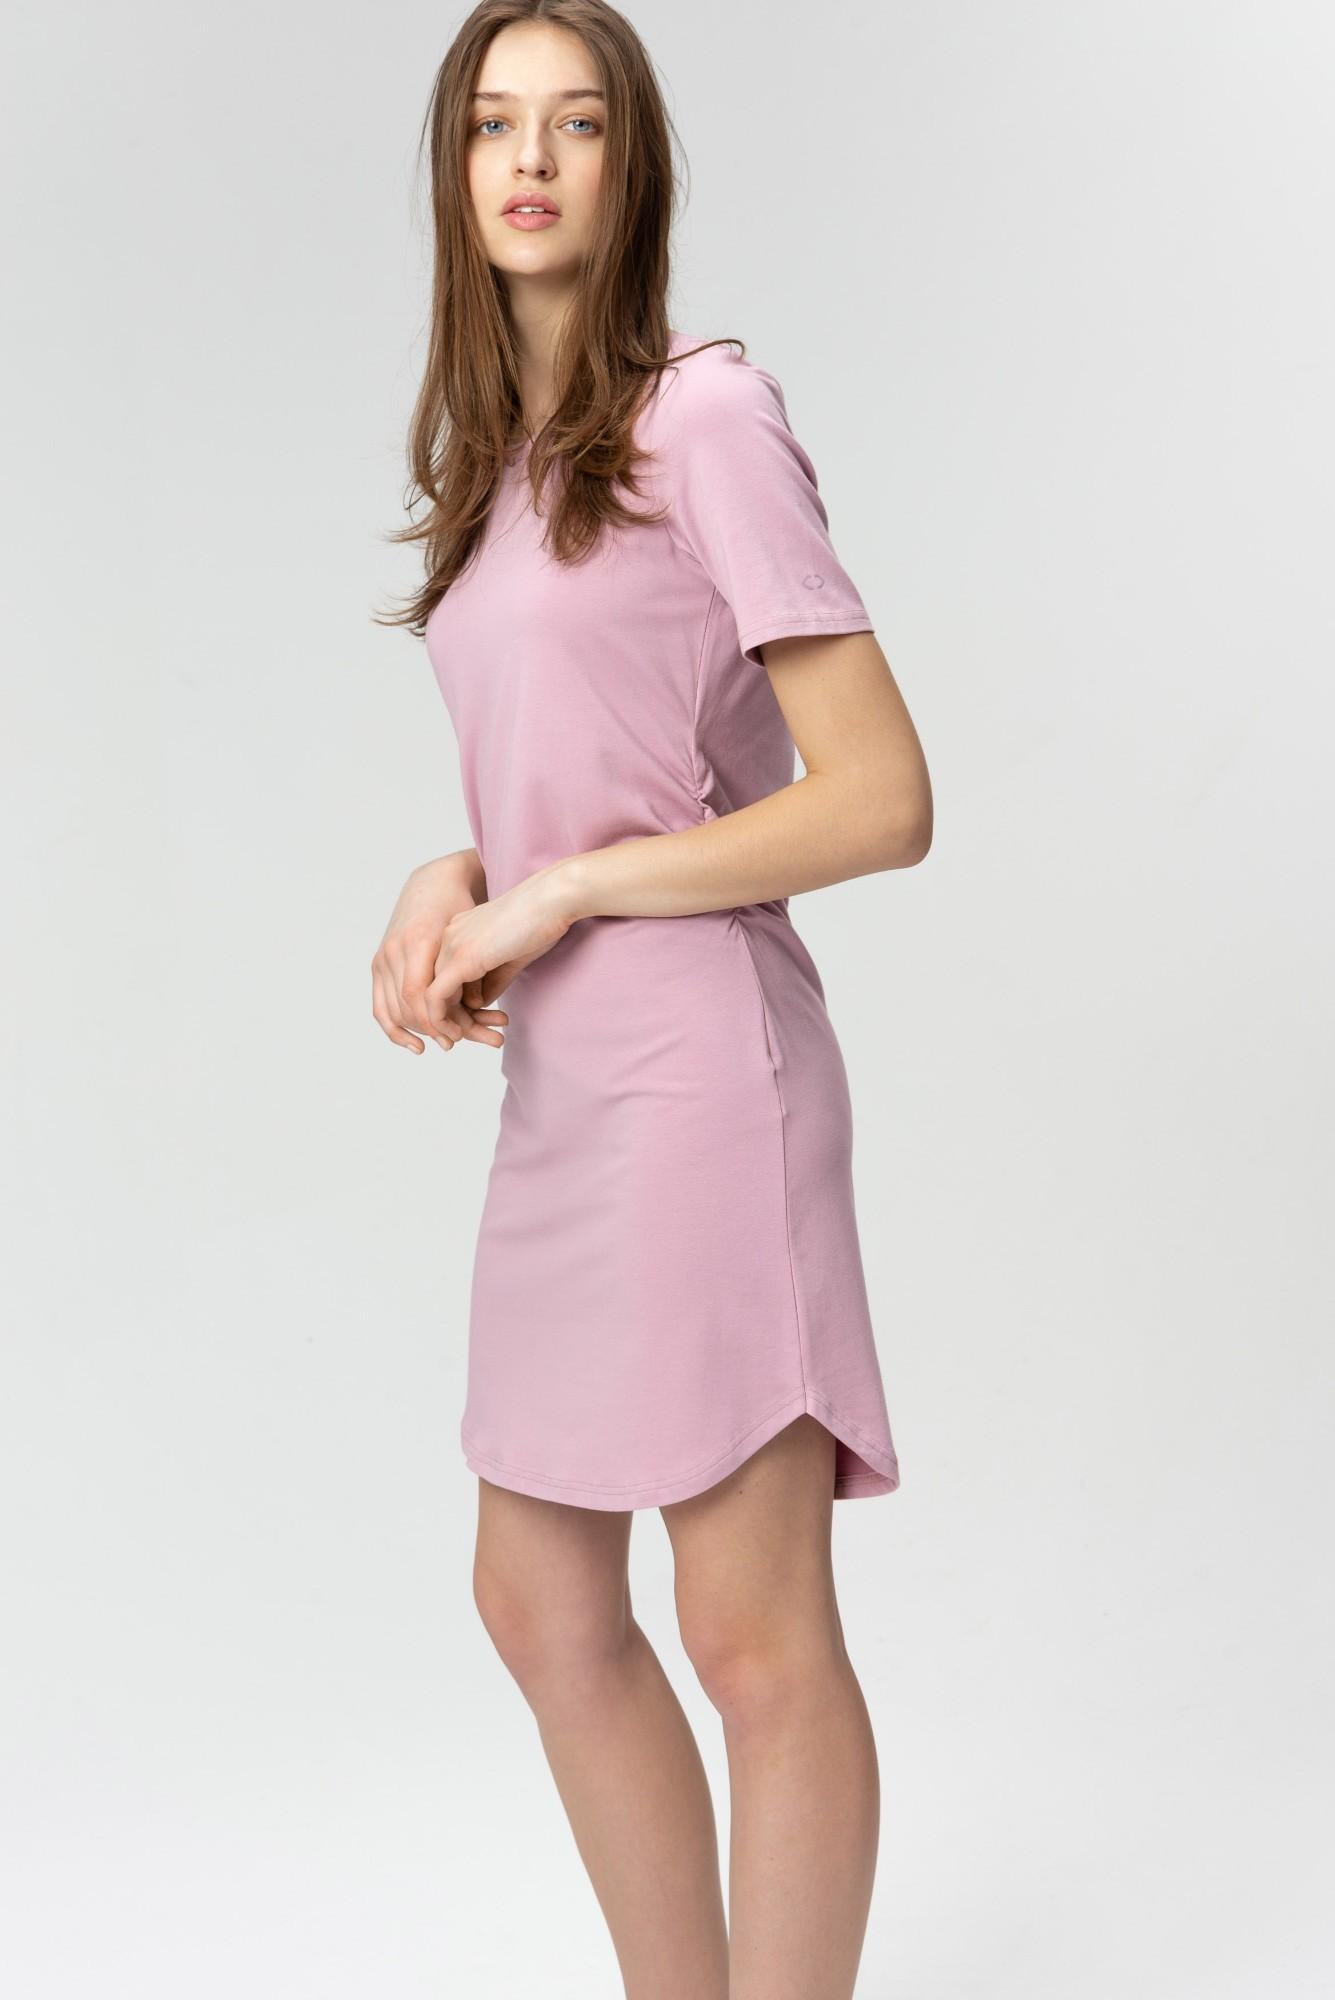 AUDIMAS Švelnaus modalo suknelė 2011-033 Mauve Shadows M